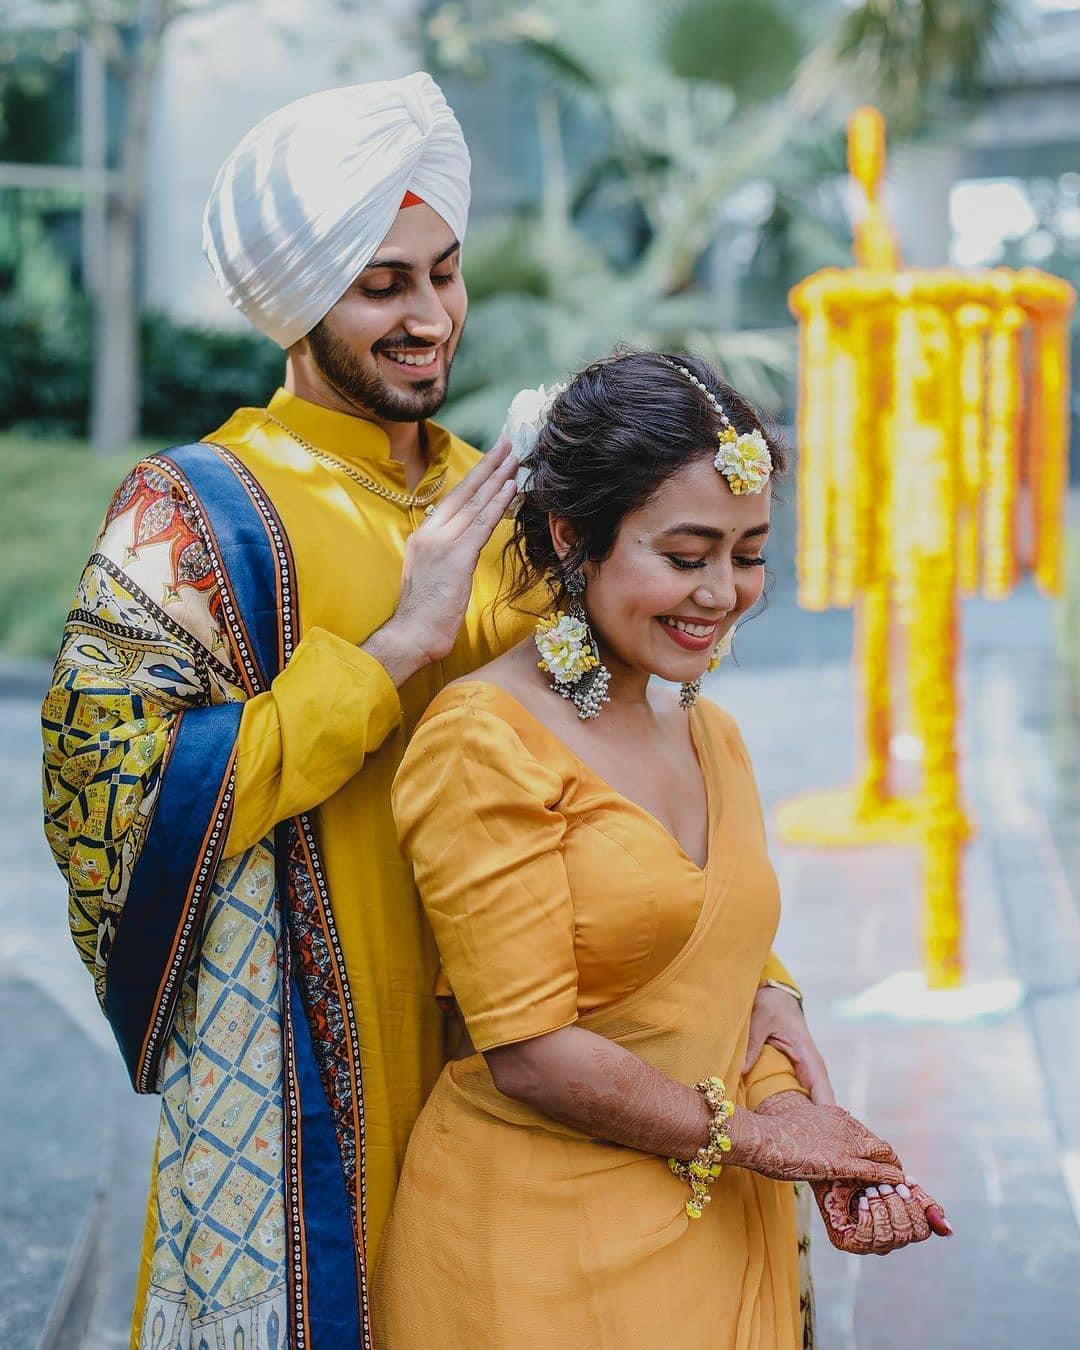 या फोटो सीरिजमधील काही फोटो खूपच रोमँटिक आहेत. दोघेही यामध्ये खूप खूश दिसत आहेत. (फोटो सौजन्य-@nehakakkar/Instagram)